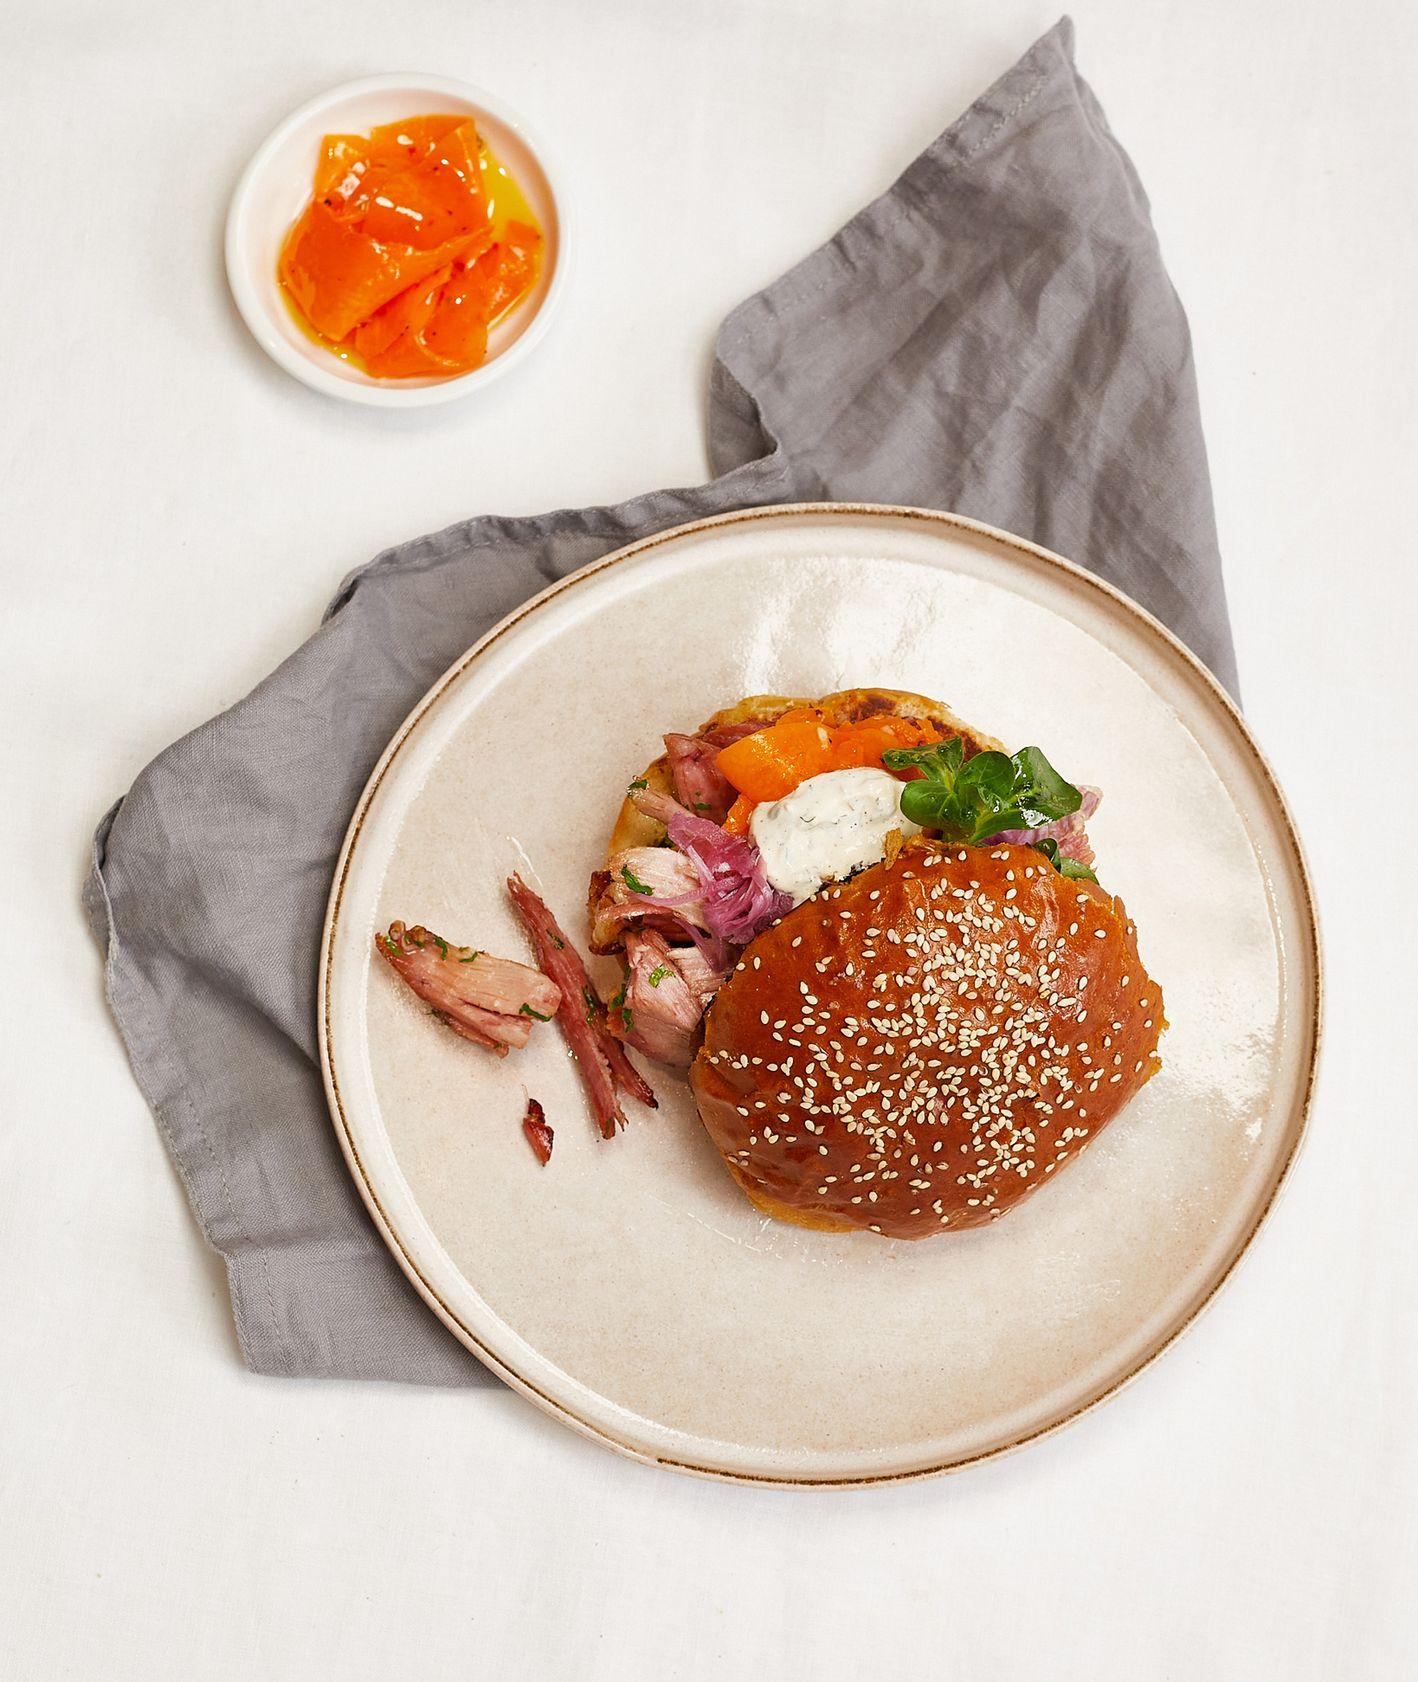 Przepis – szarpana wołowina, jak zrobić burgera z szarpaną wołowiną (fot. Maciek Niemojewski)